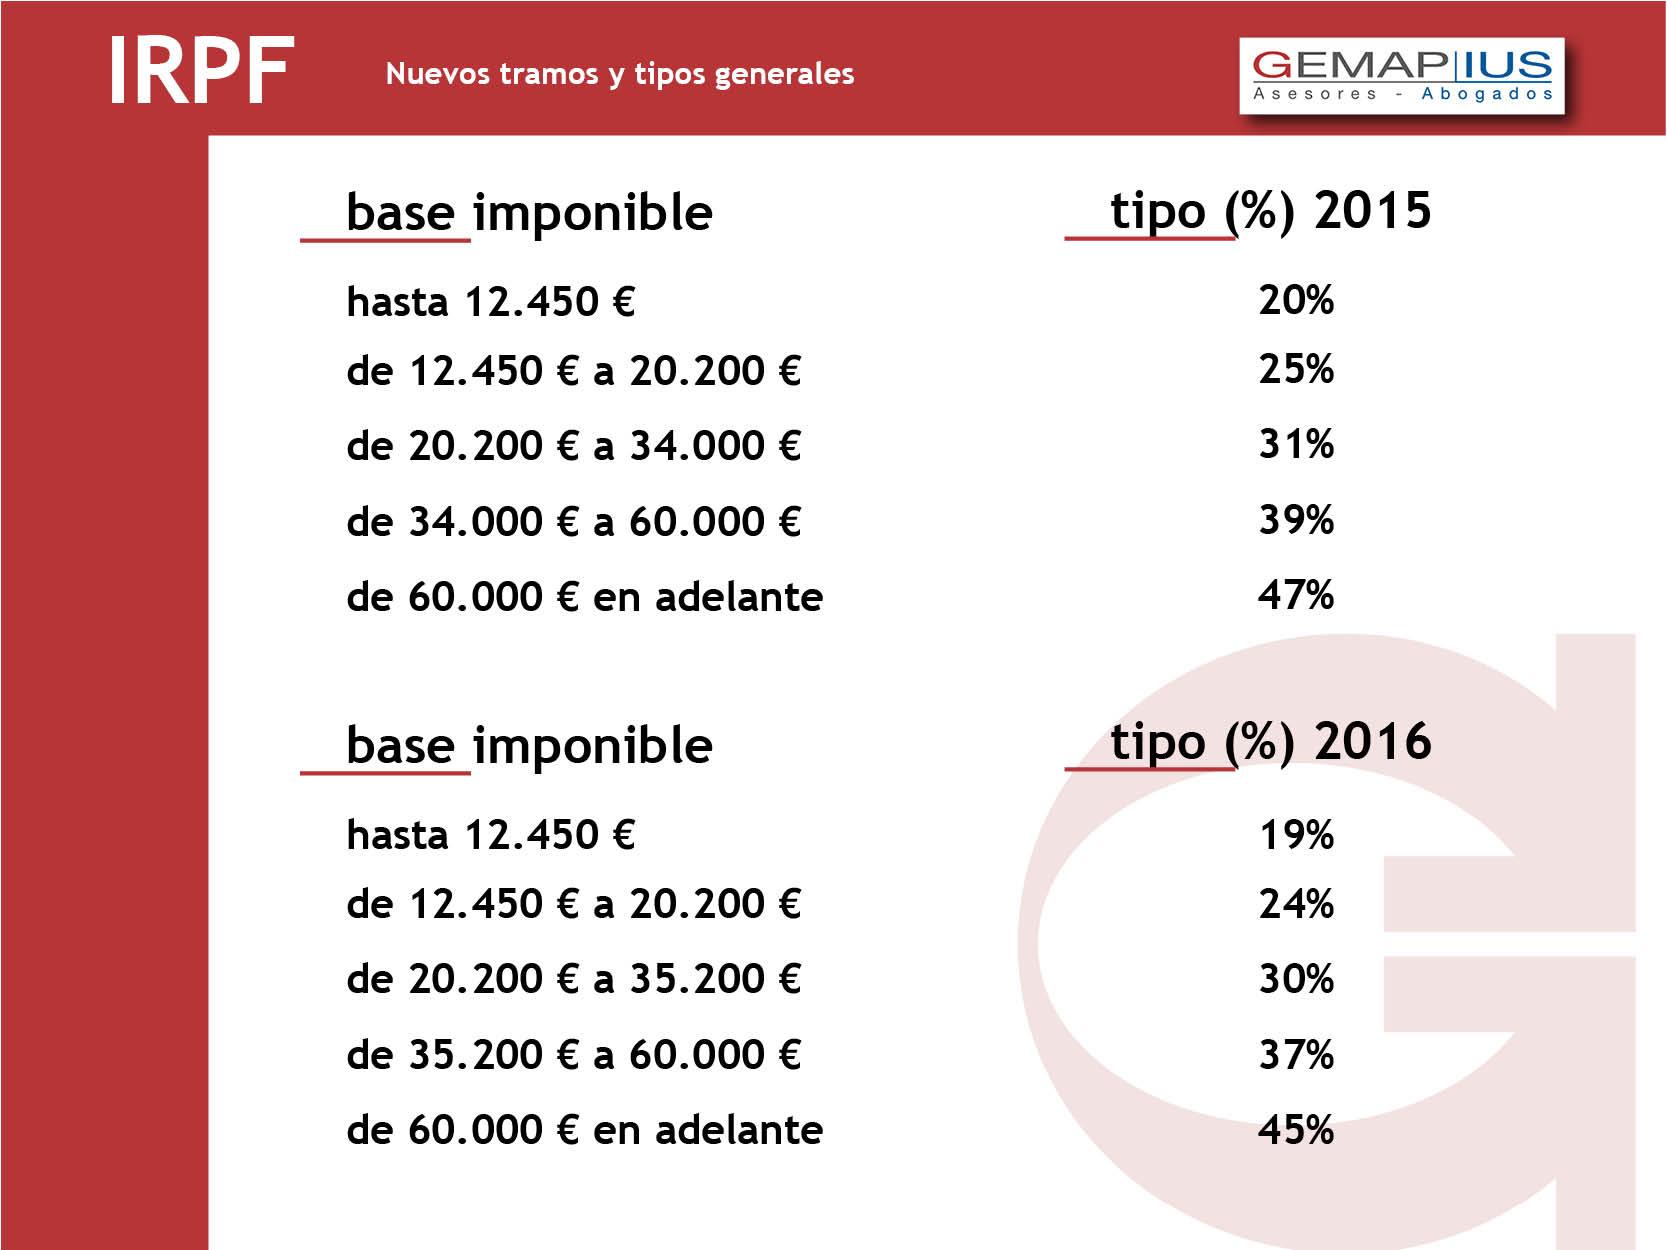 IRPF 2015-2016 GEMAP